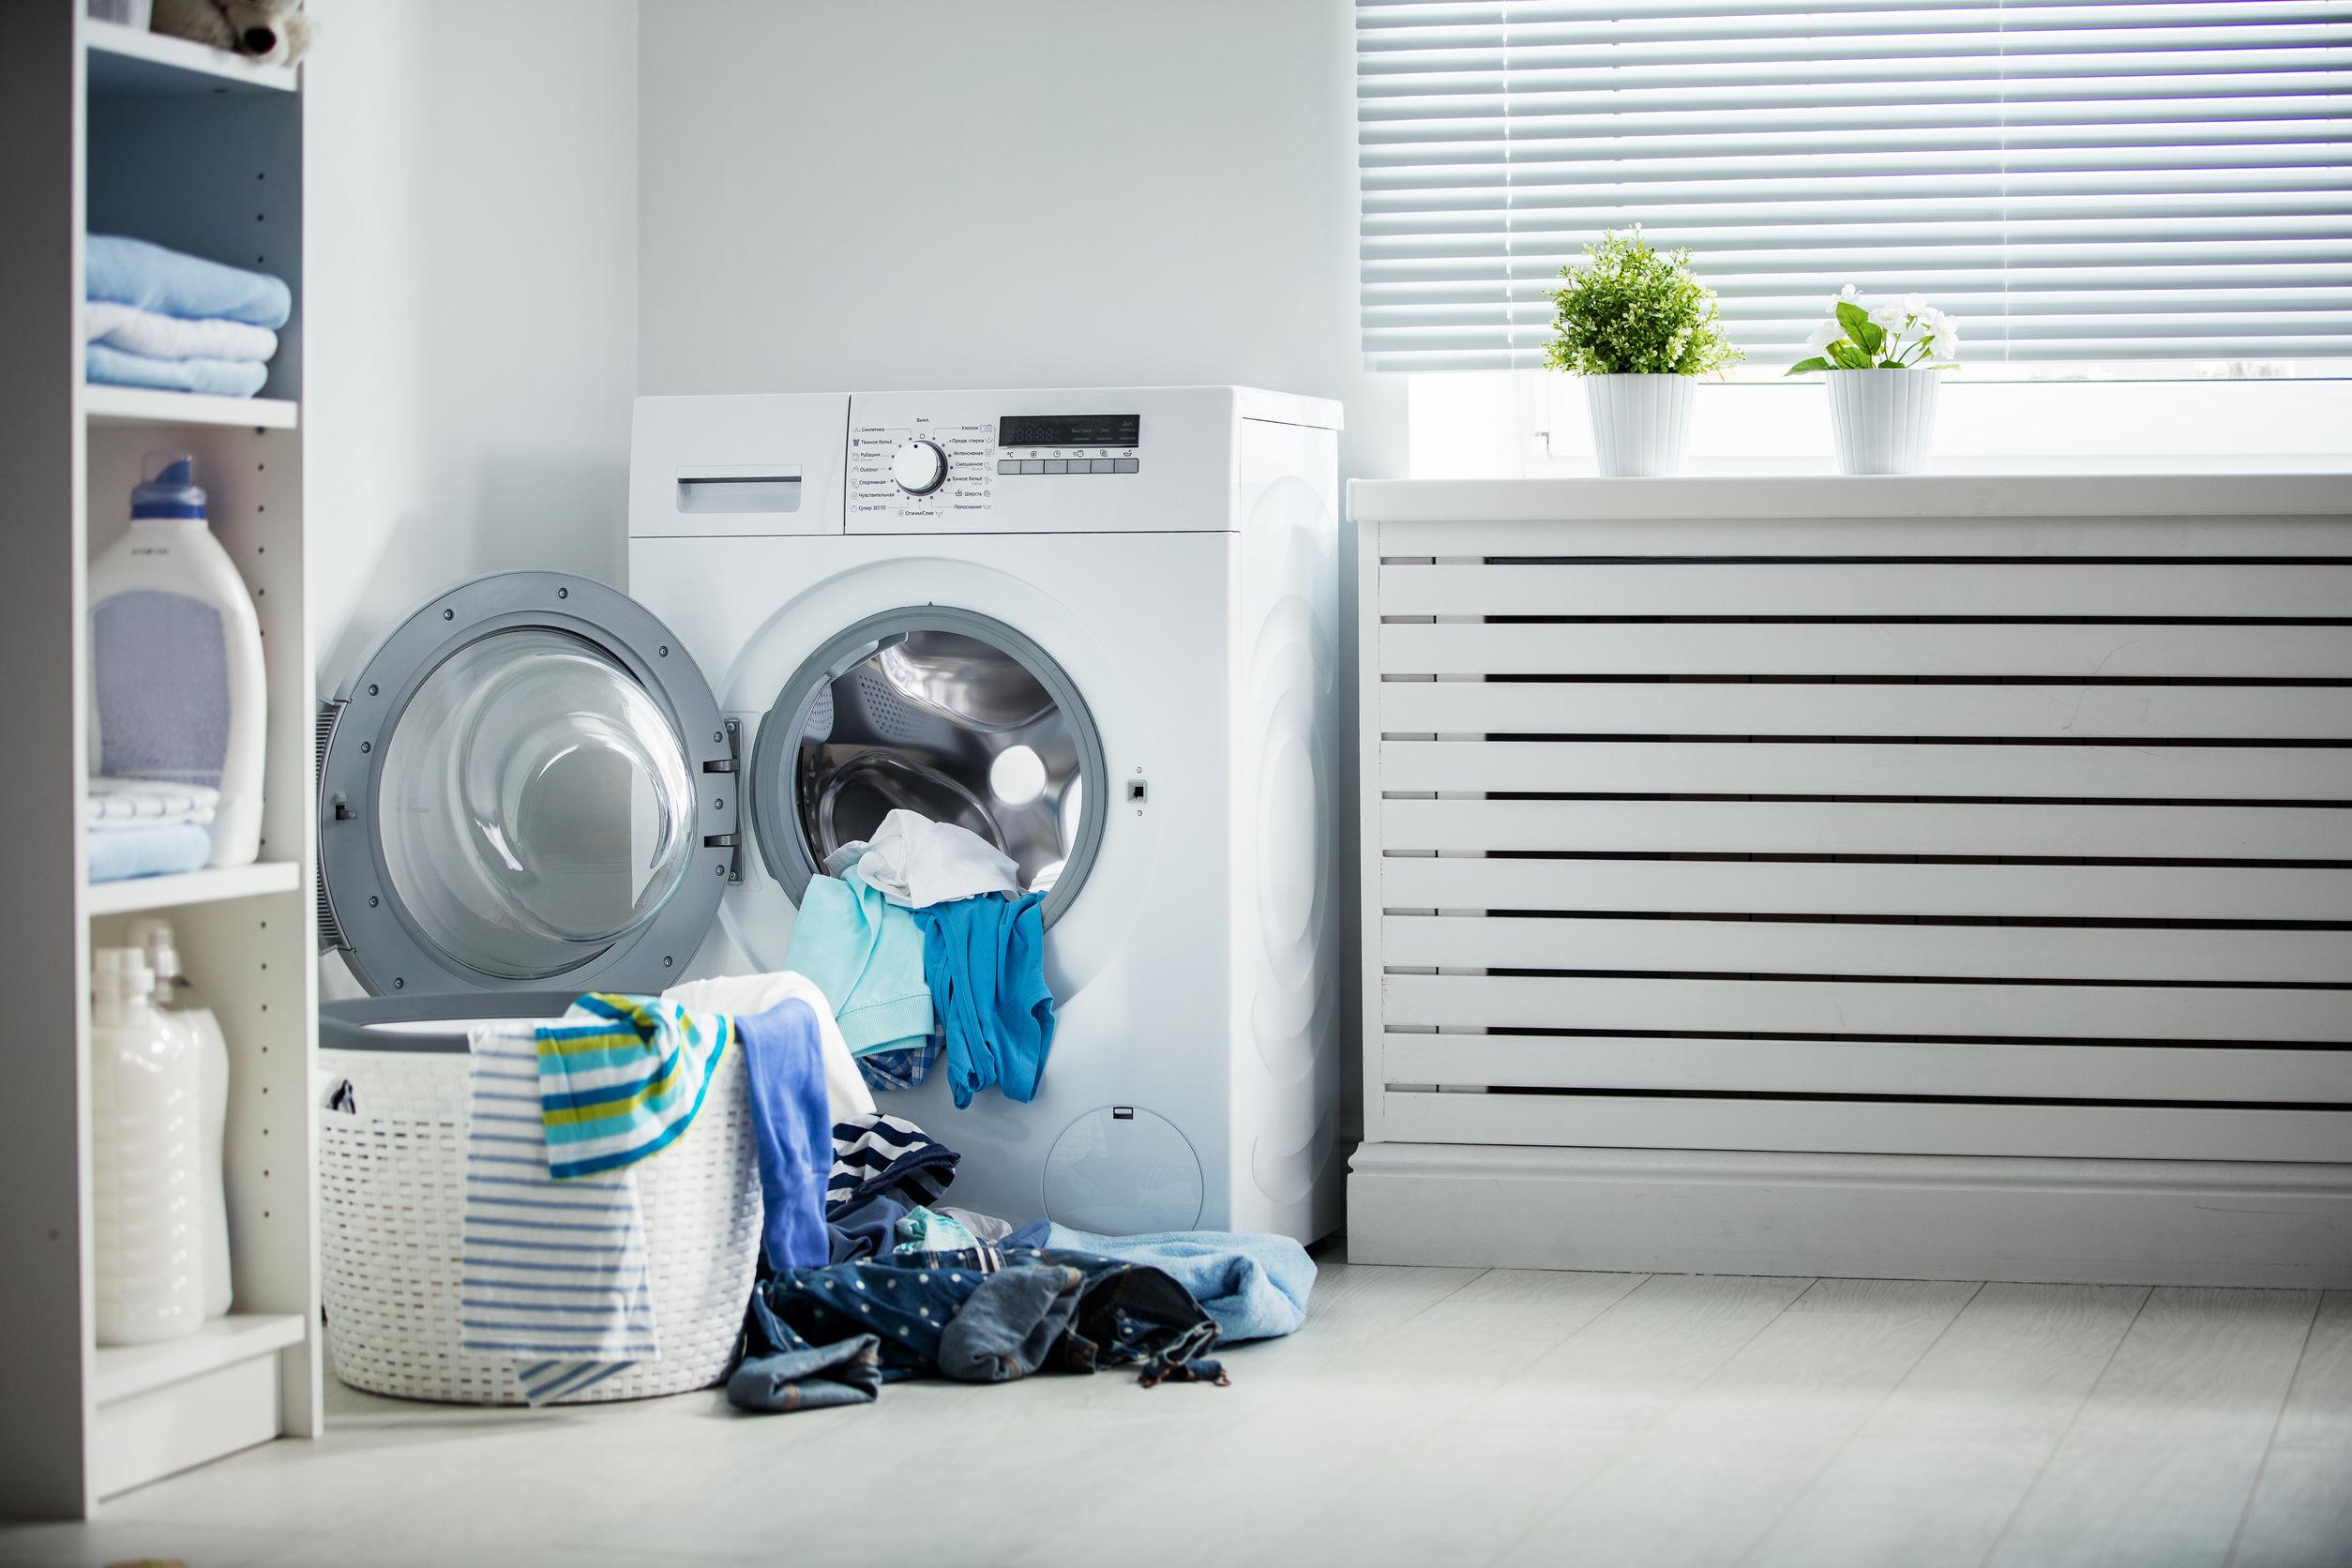 Waschmaschine: Test & Empfehlungen (08/20)